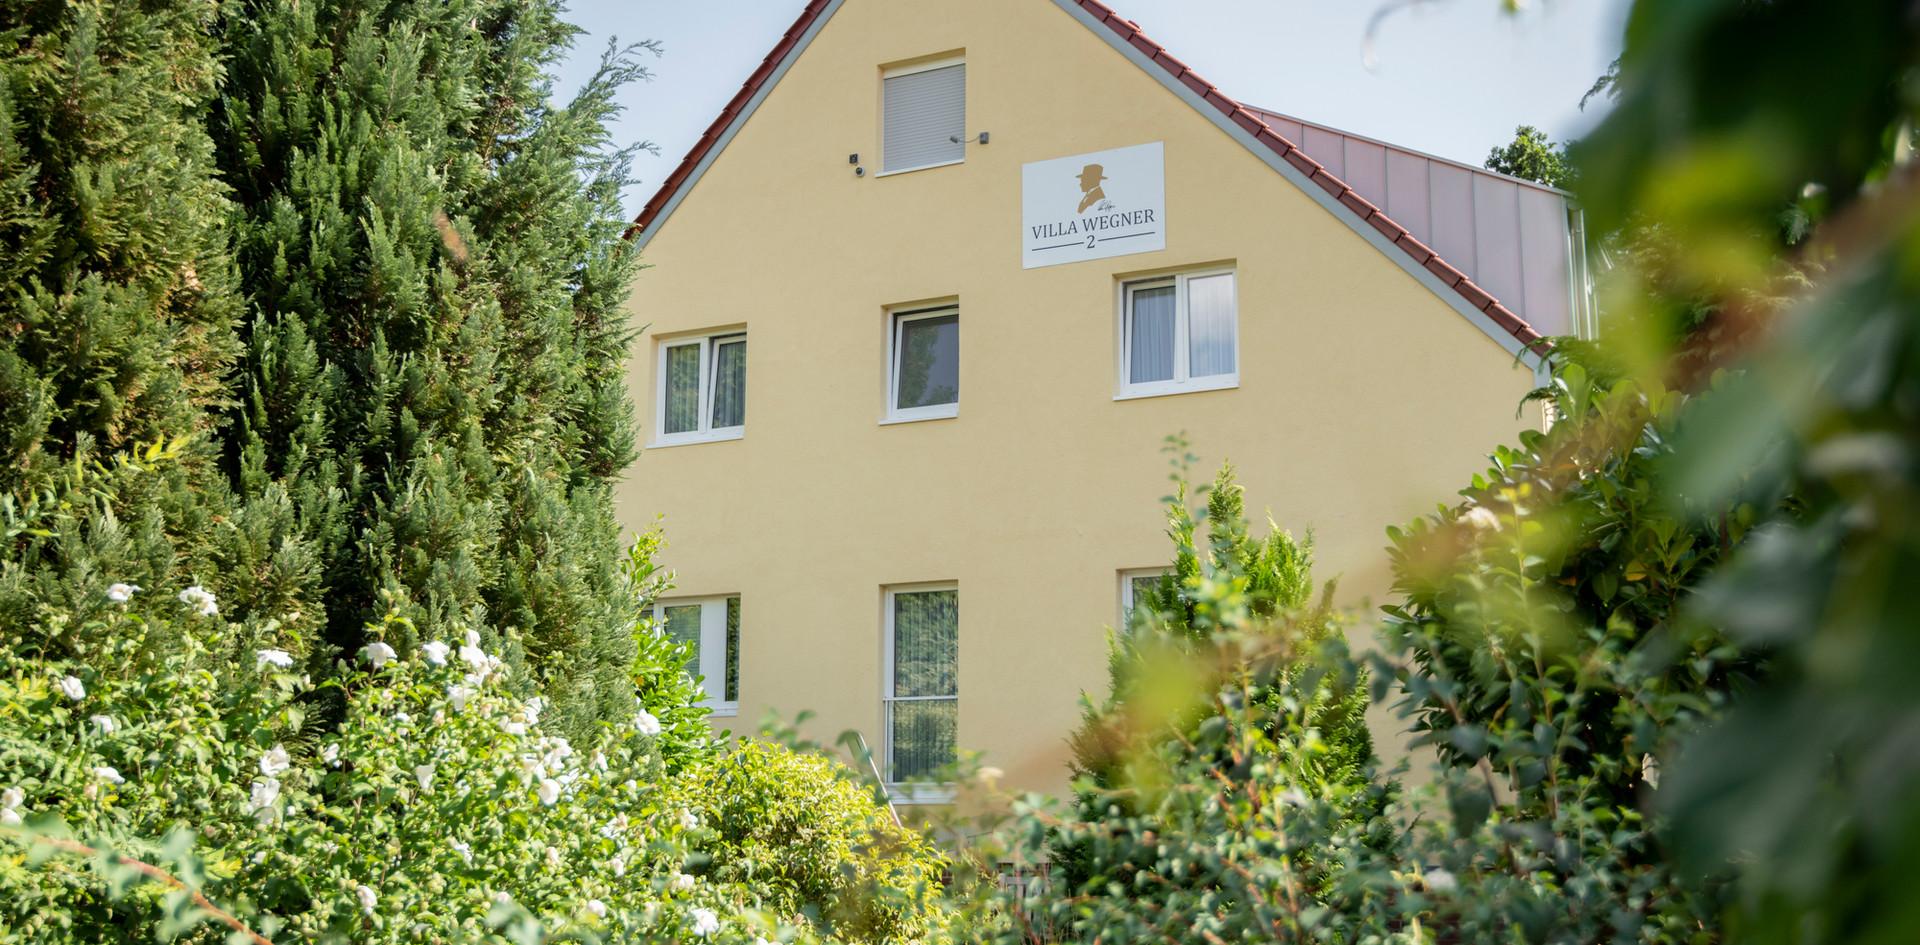 Villa 2 Hotel Wegner the culinary art hotel